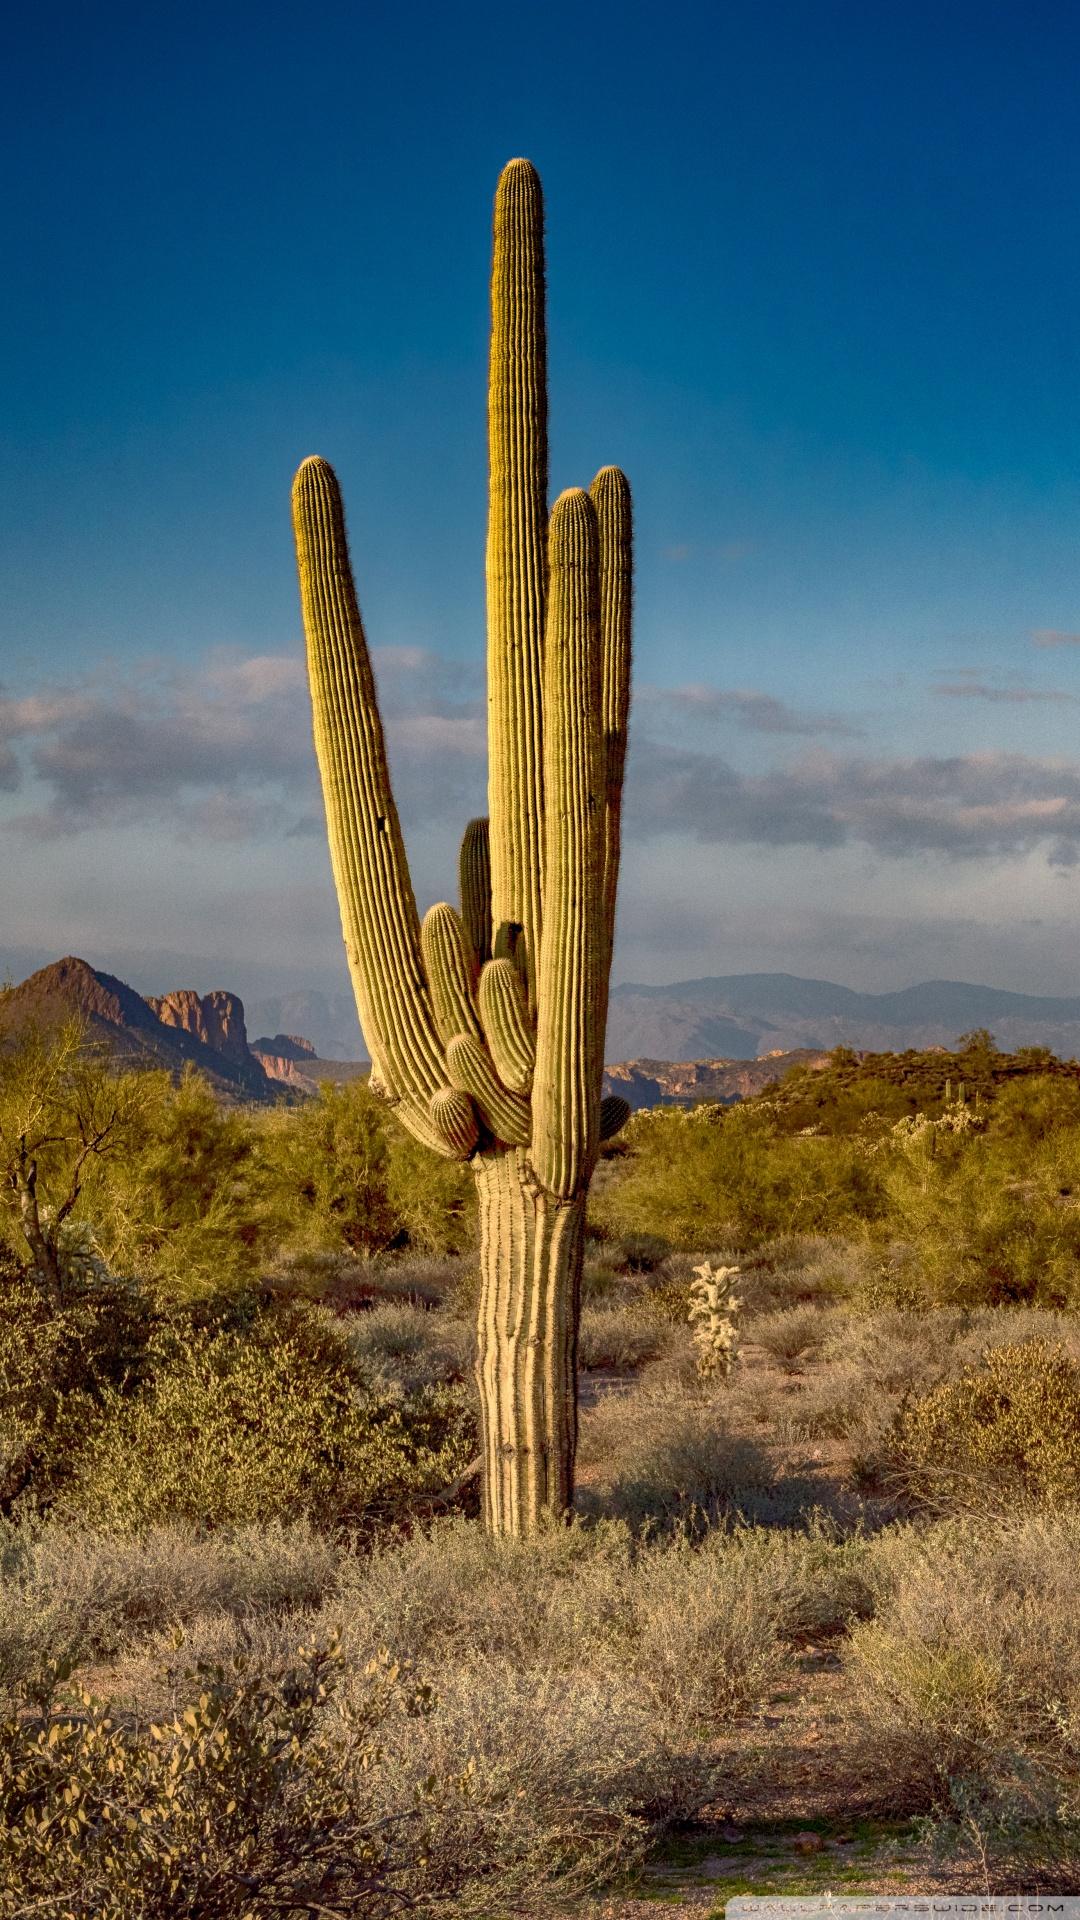 Wallpaper Hd Smartphone Saguaro Cactus Arizona 4k Hd Desktop Wallpaper For 4k